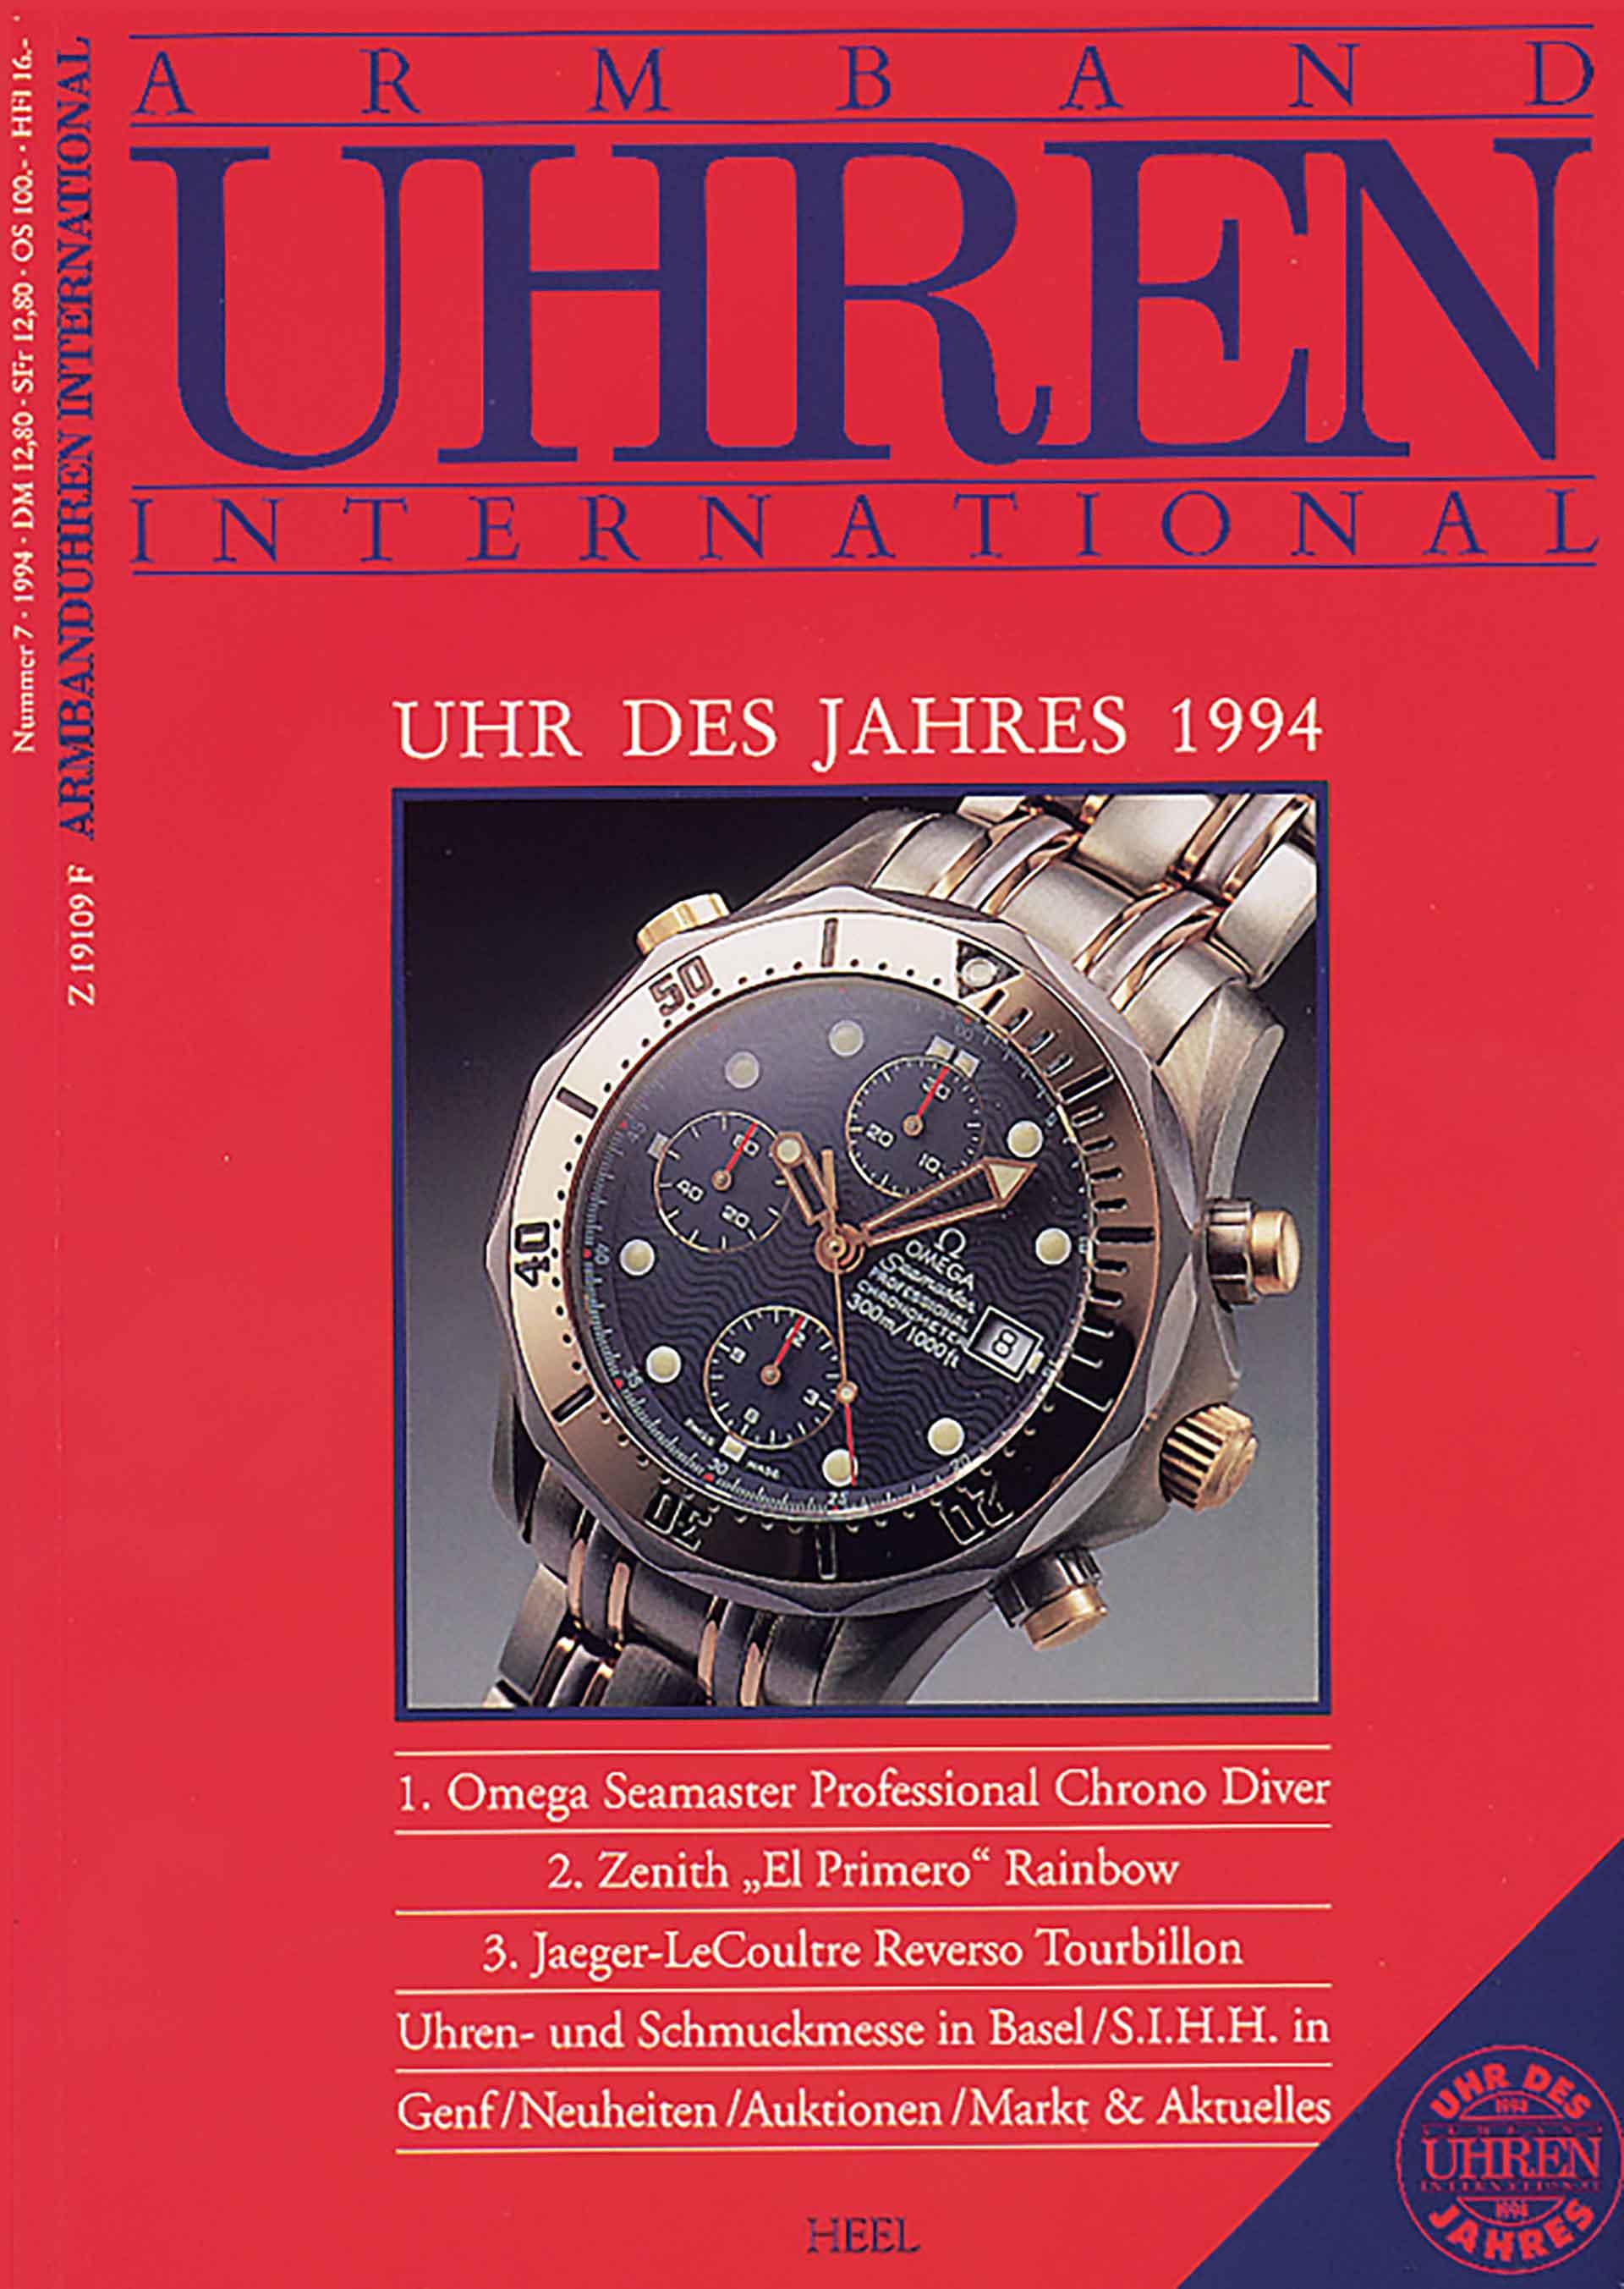 Die erste Titelseite des Magazins ARMBANDUHREN.